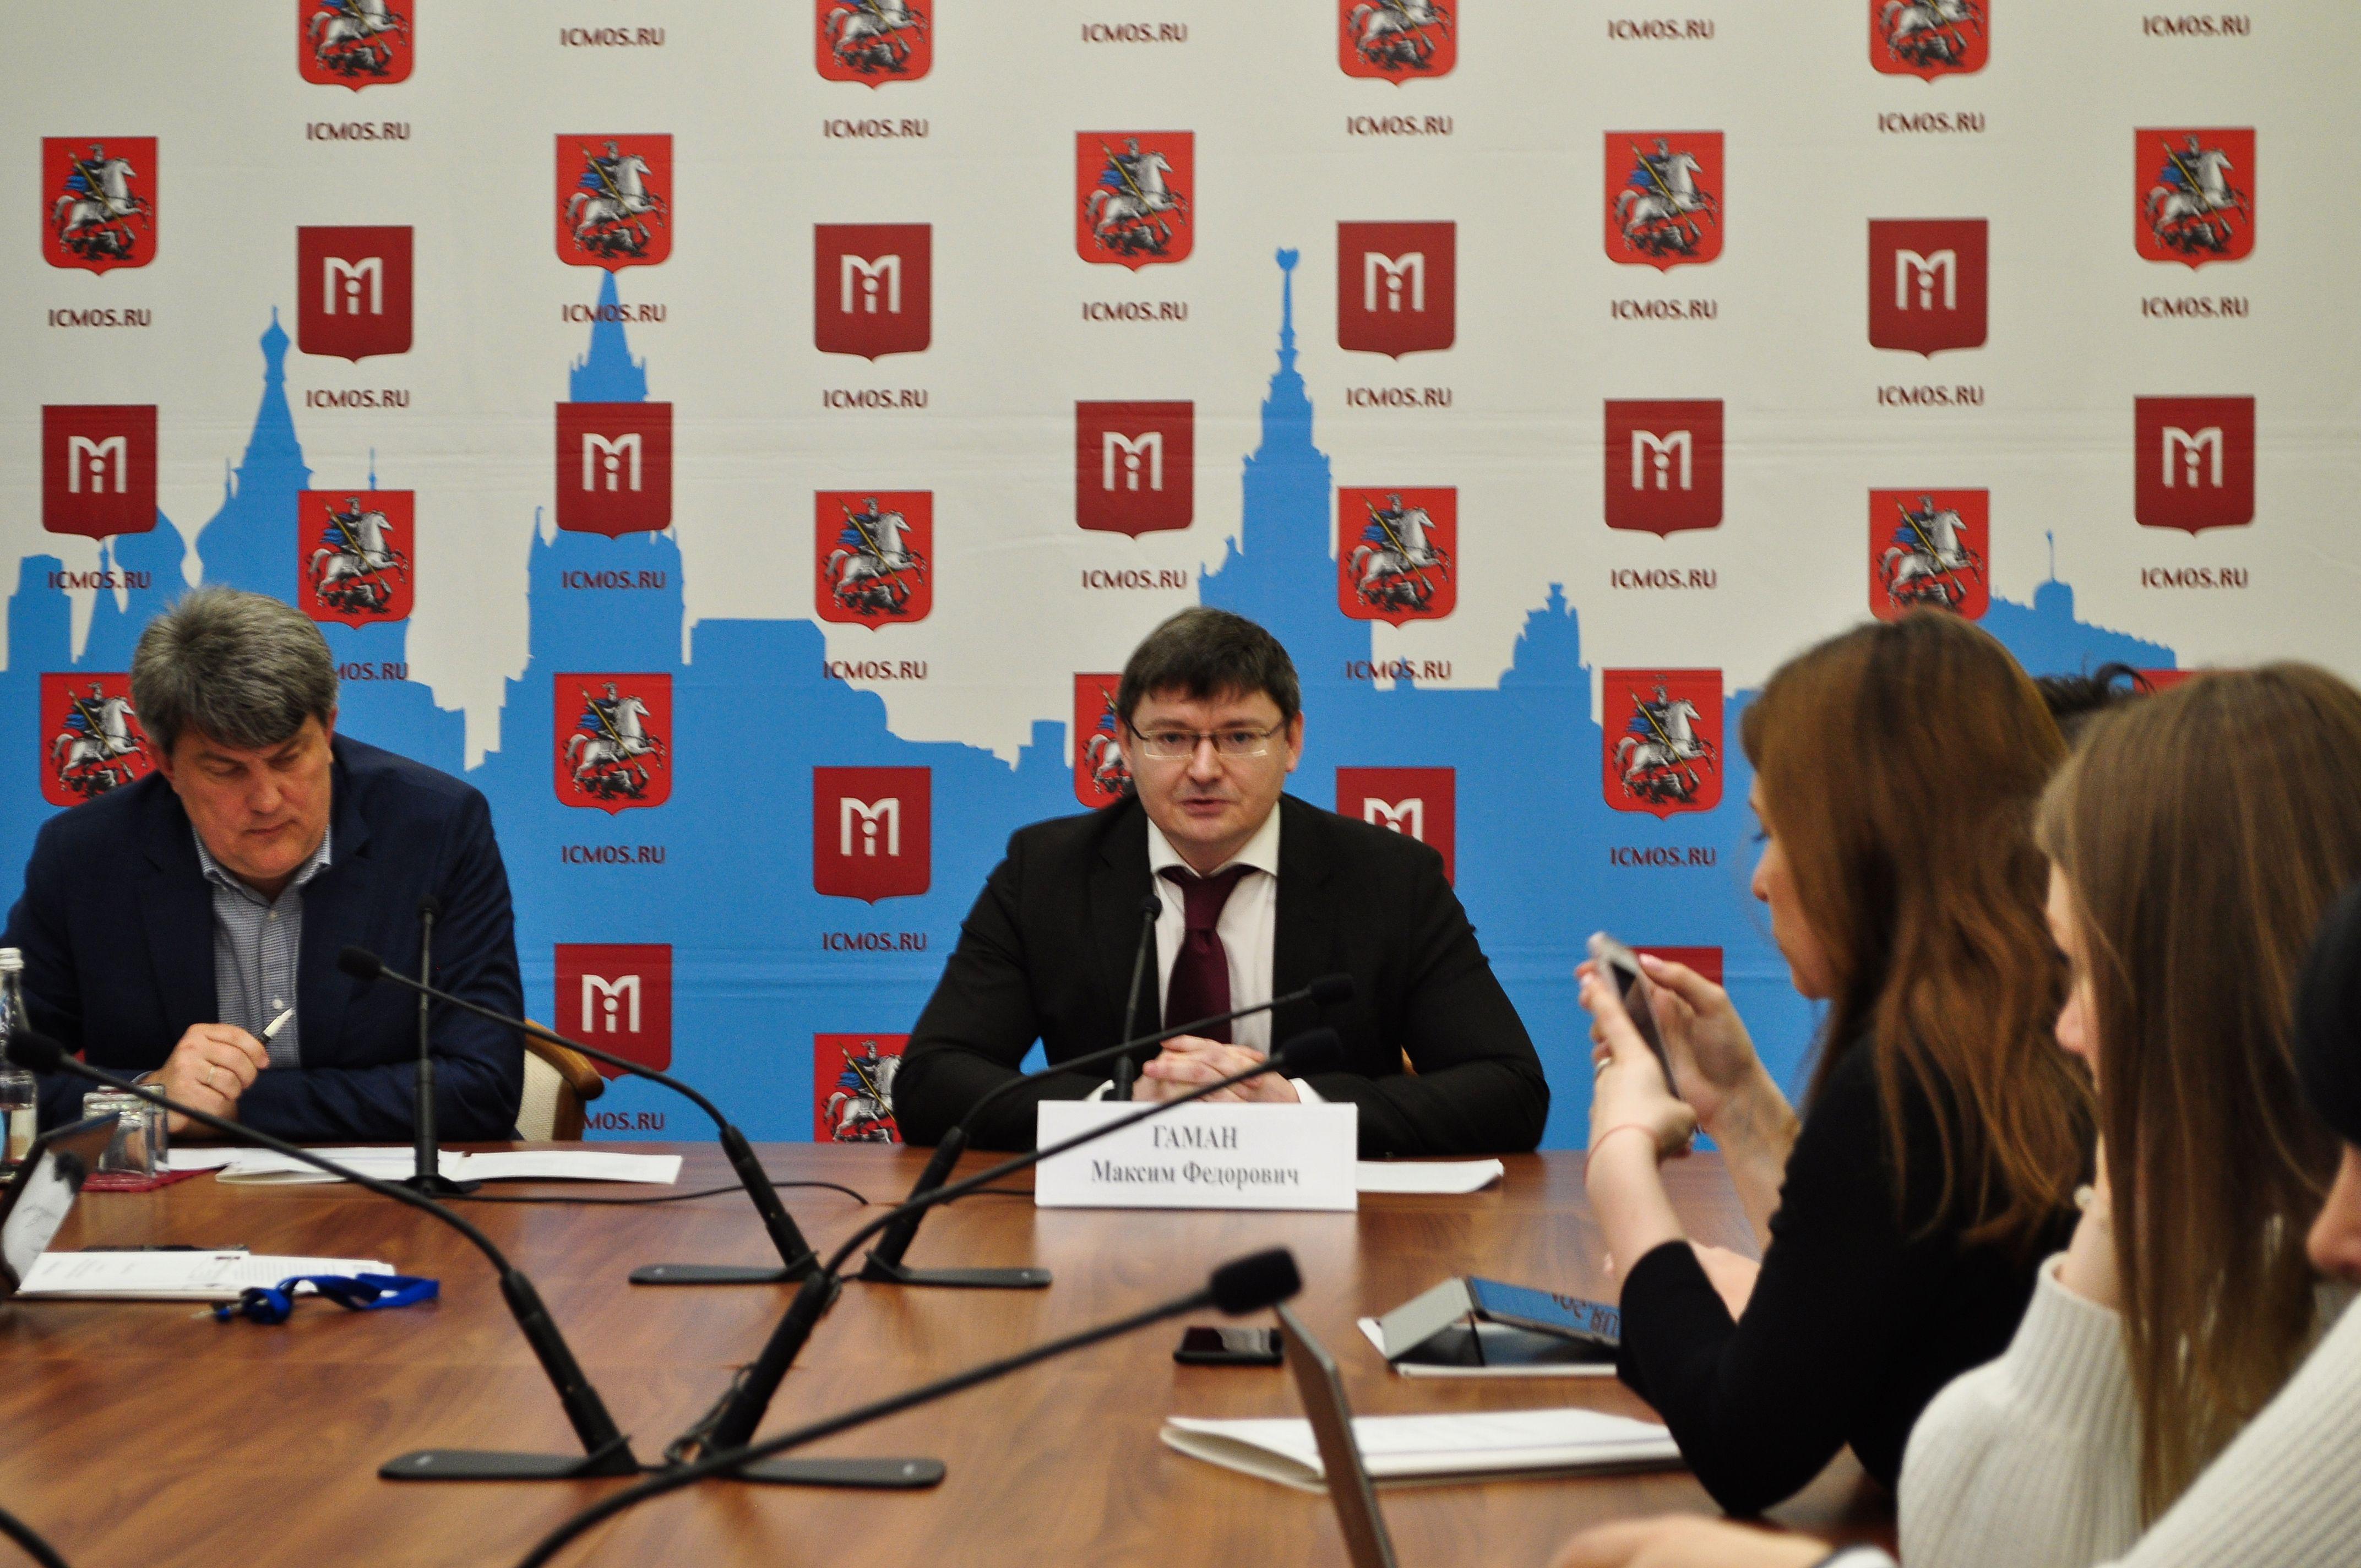 Популярные у москвичей электронные услуги в сфере недвижимости озвучили в столичном Правительстве